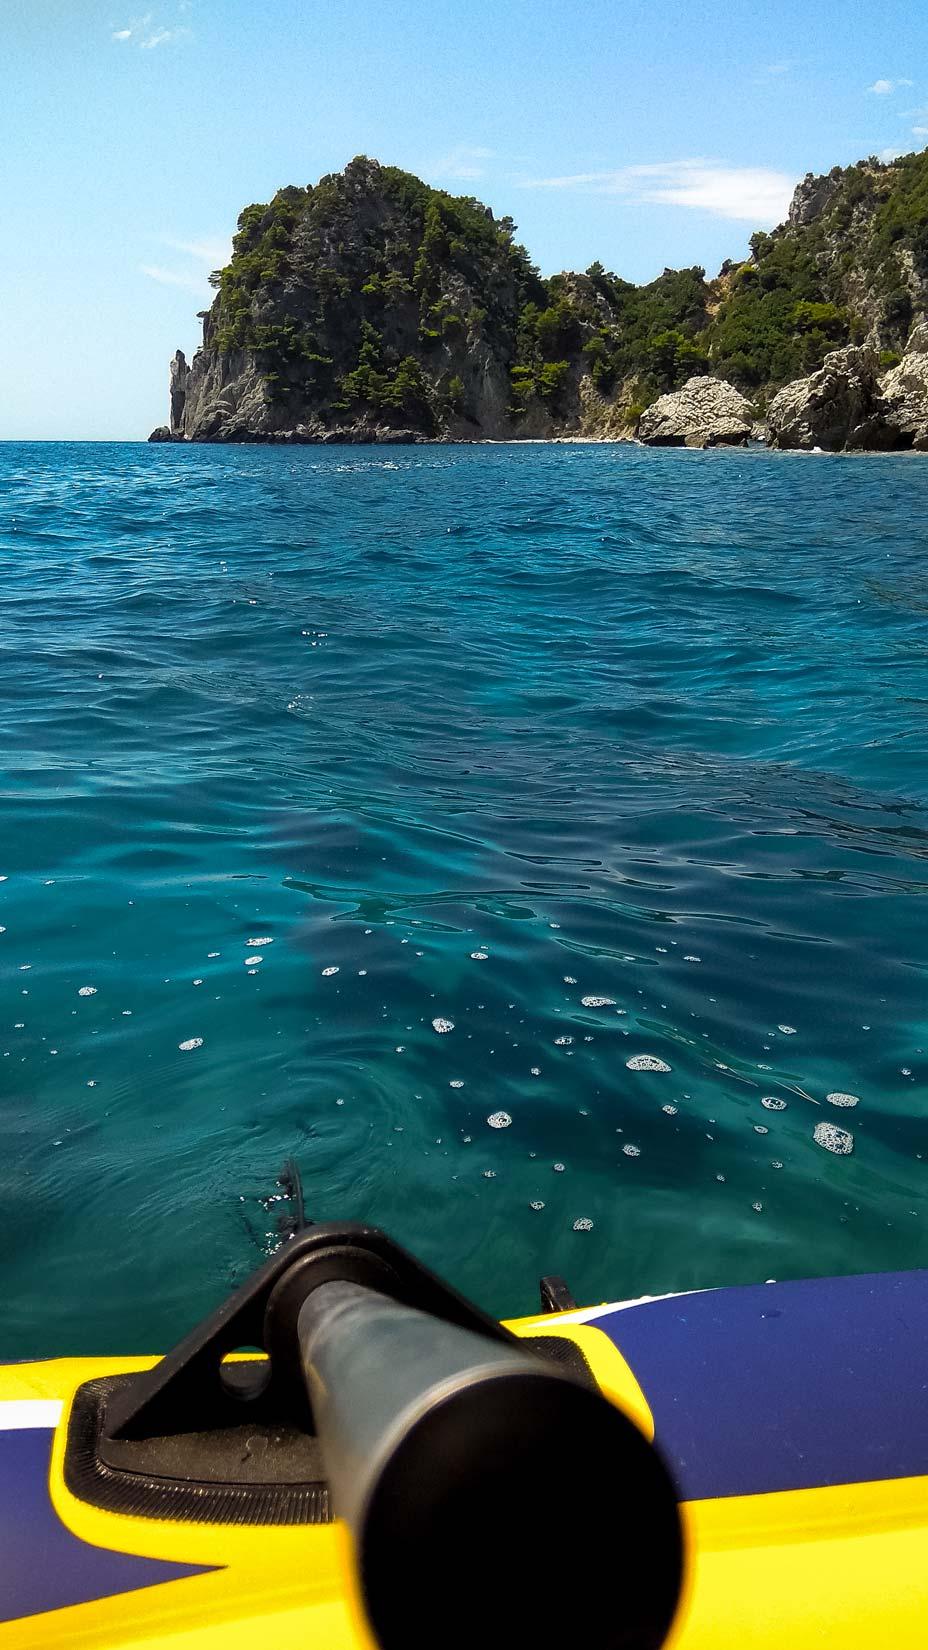 Zkaliska za pláží Antifos. Dále pak leží další nepřístupná pláž Djalí